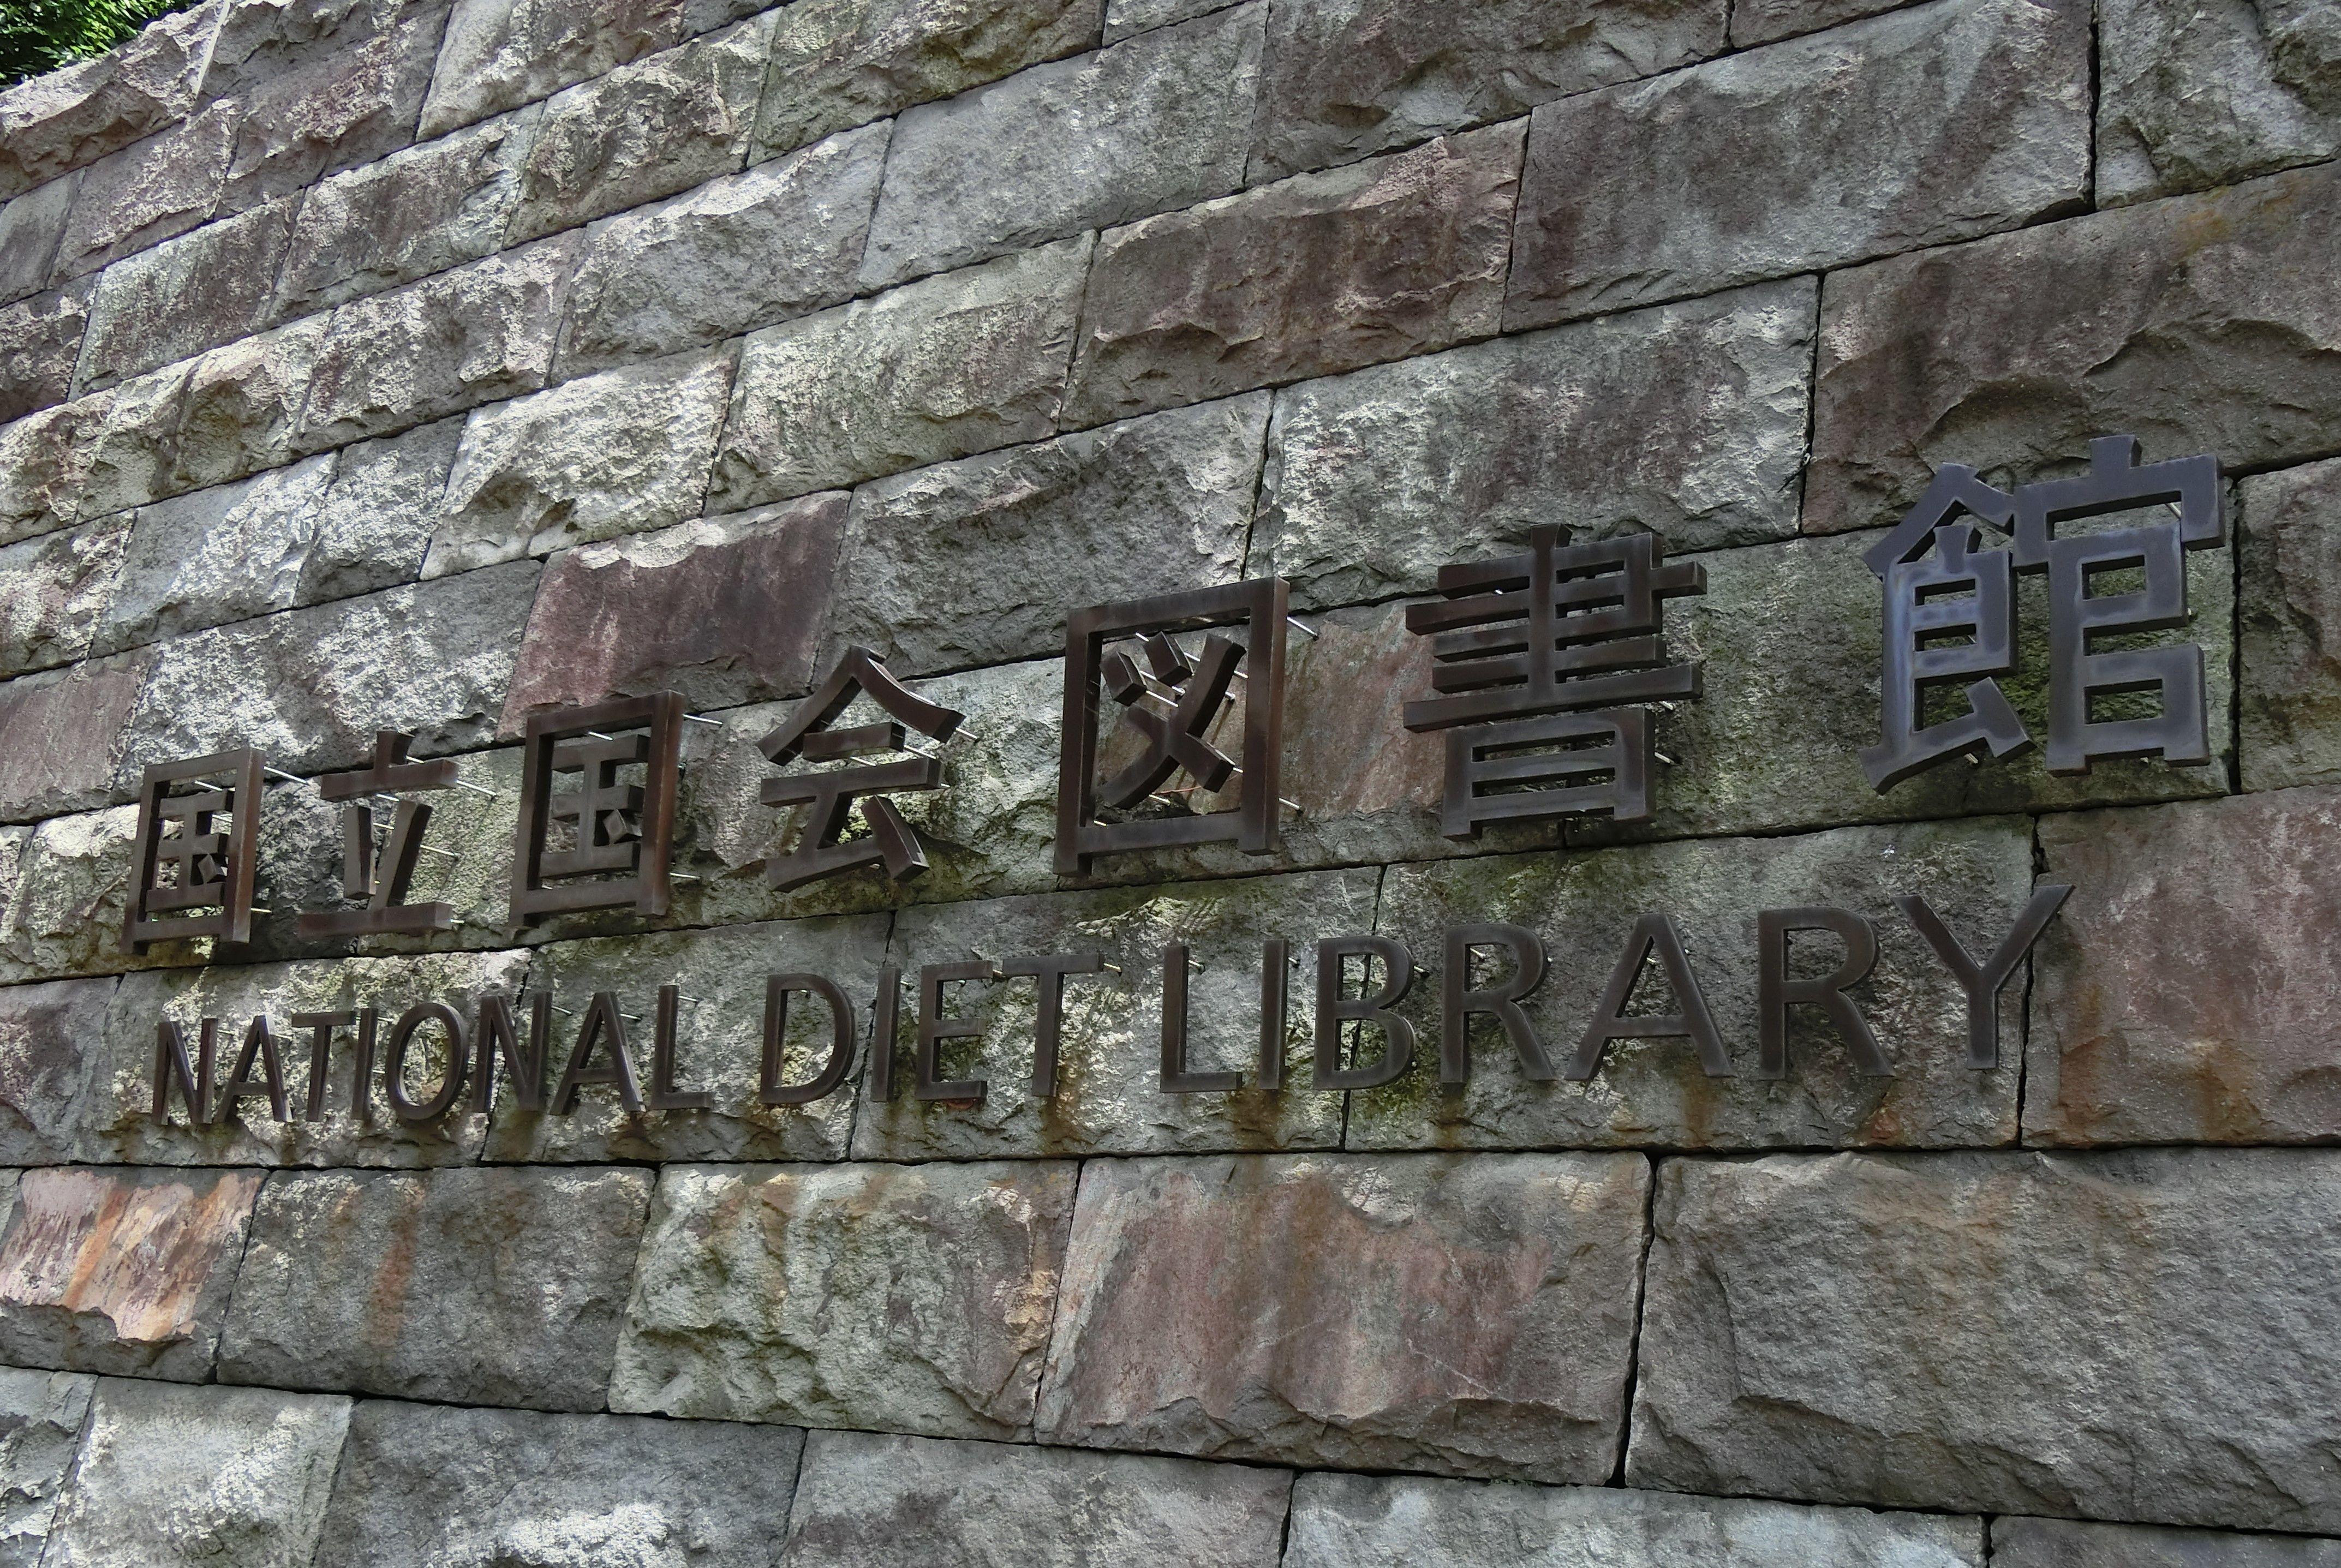 開館70周年を迎えた「国立国会図書館」とは